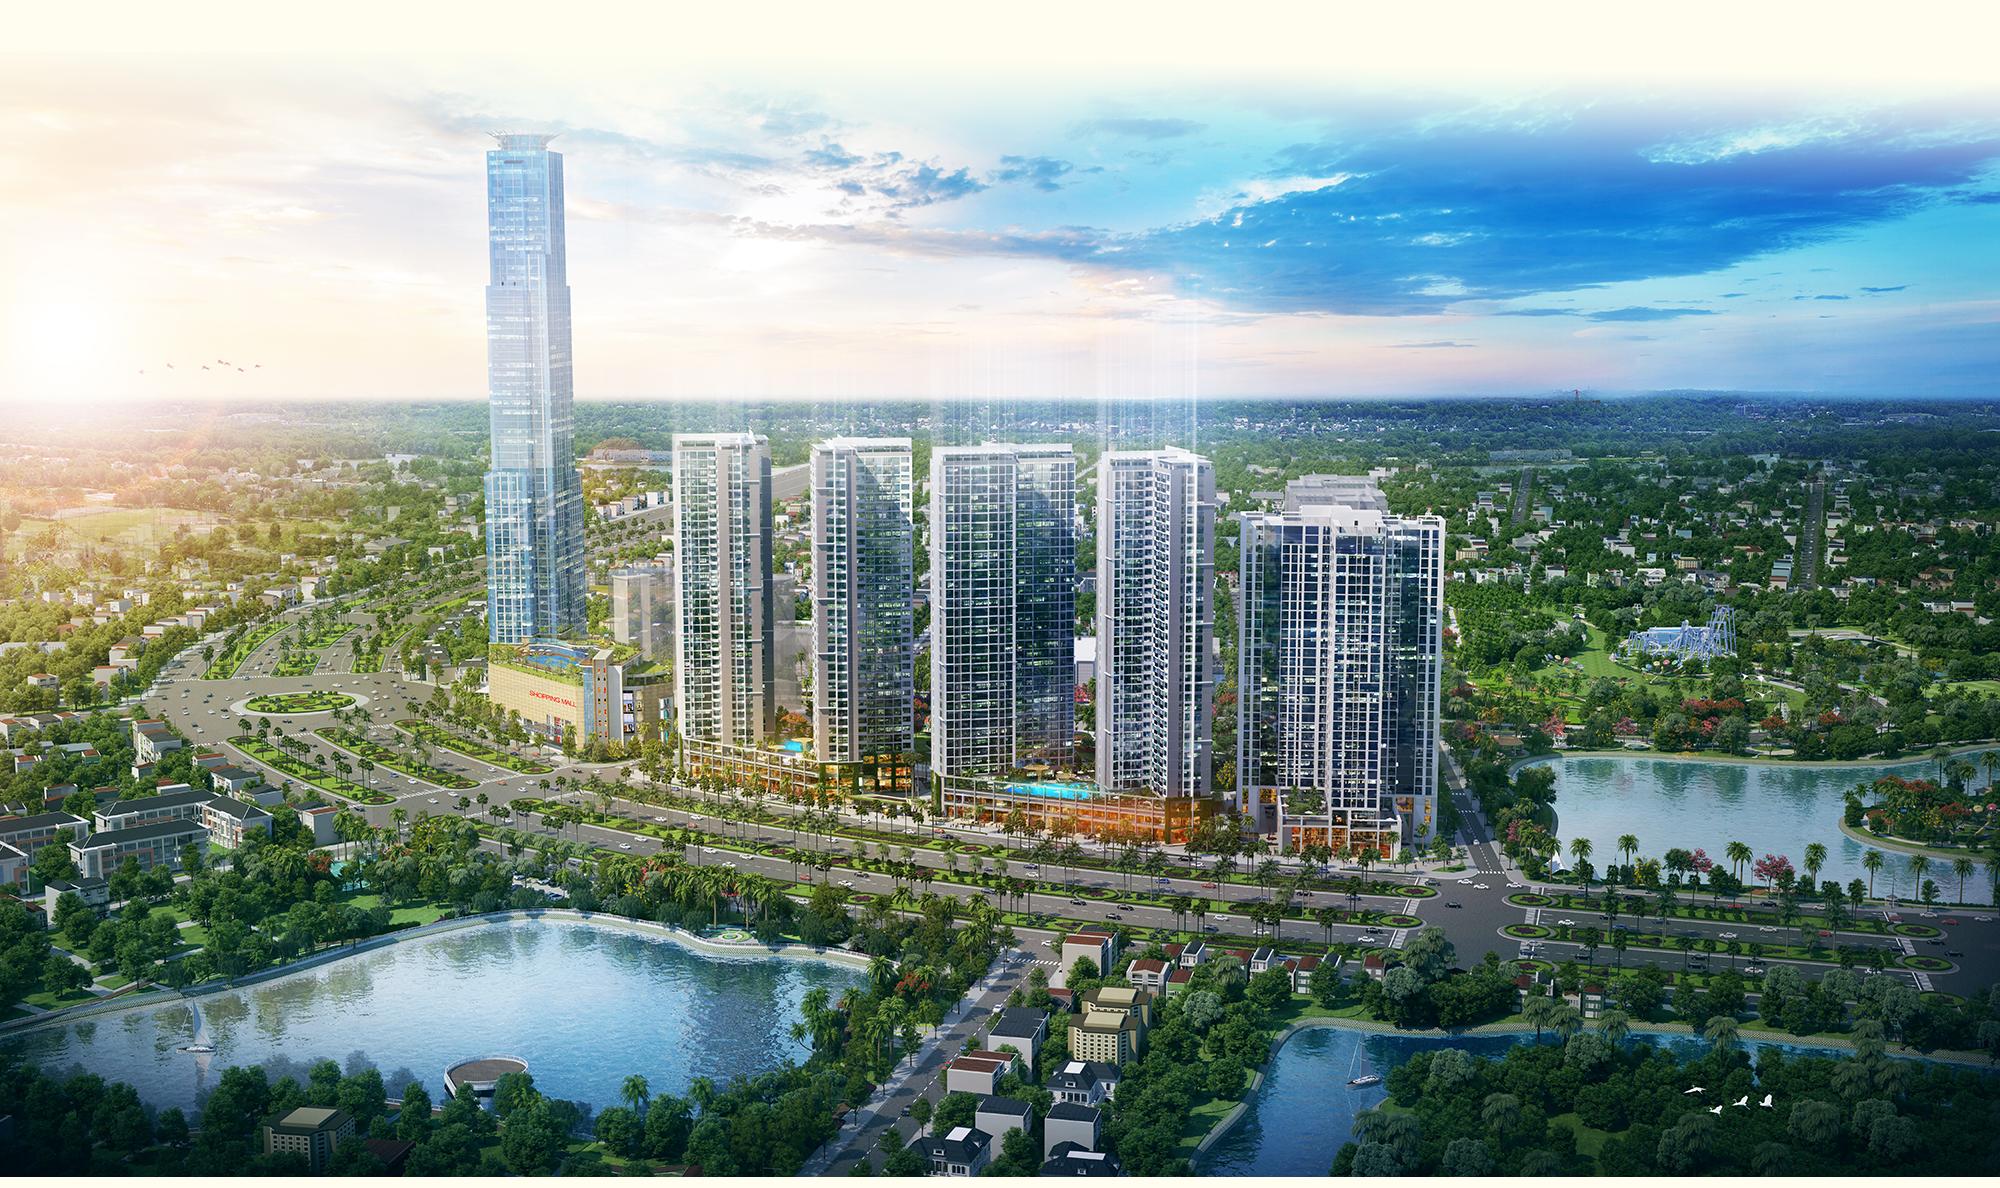 """Xuân Mai Sài Gòn với hành trình """"Nam tiến"""" trở thành nhà phát triển bất động sản chuyên nghiệp - Ảnh 4."""